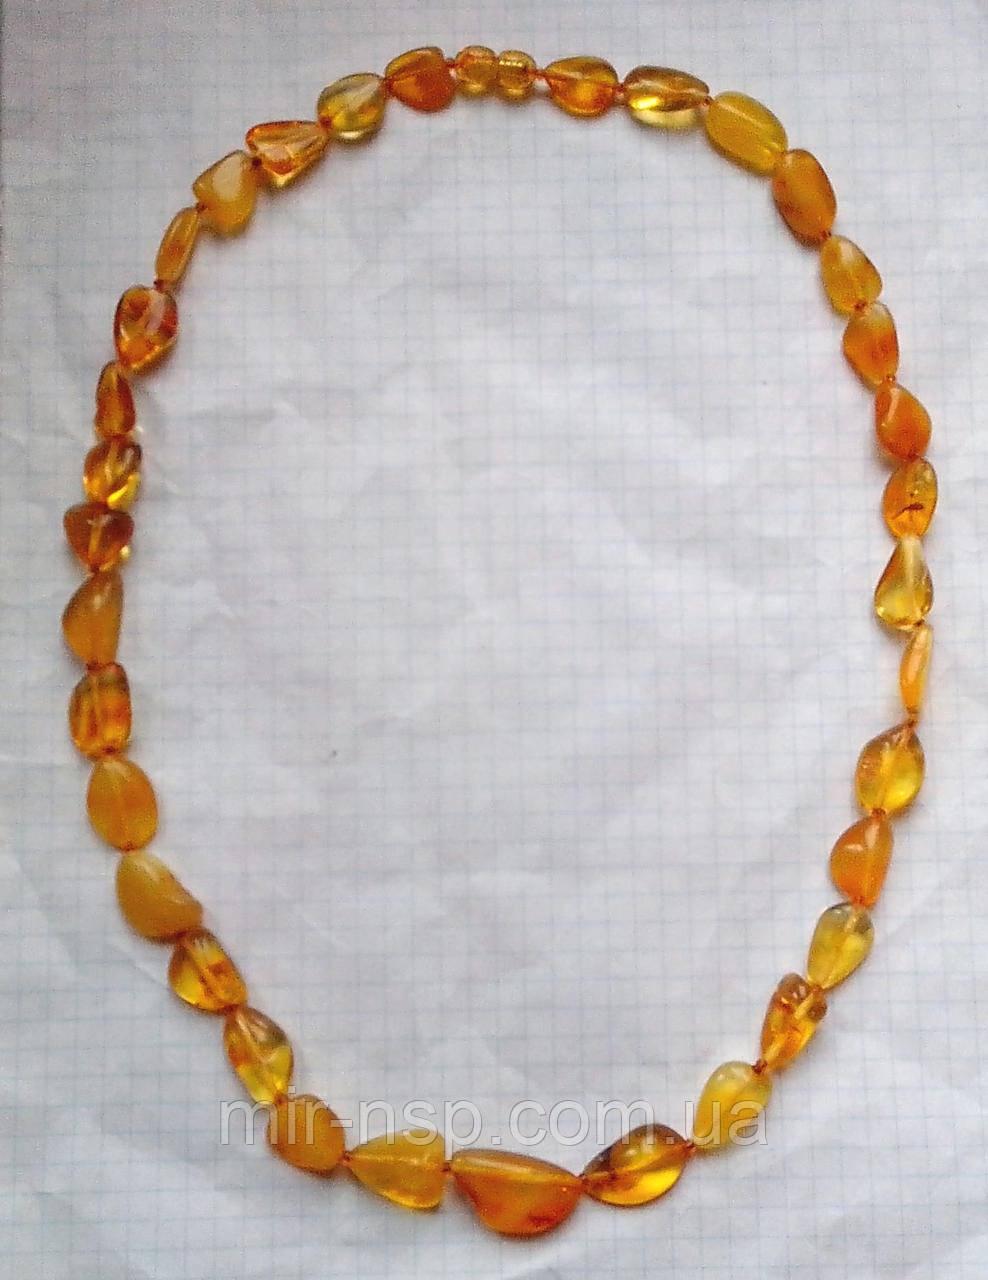 Бусы натуральный цельный природный янтарь галтовка 10-12 мм вес 18г